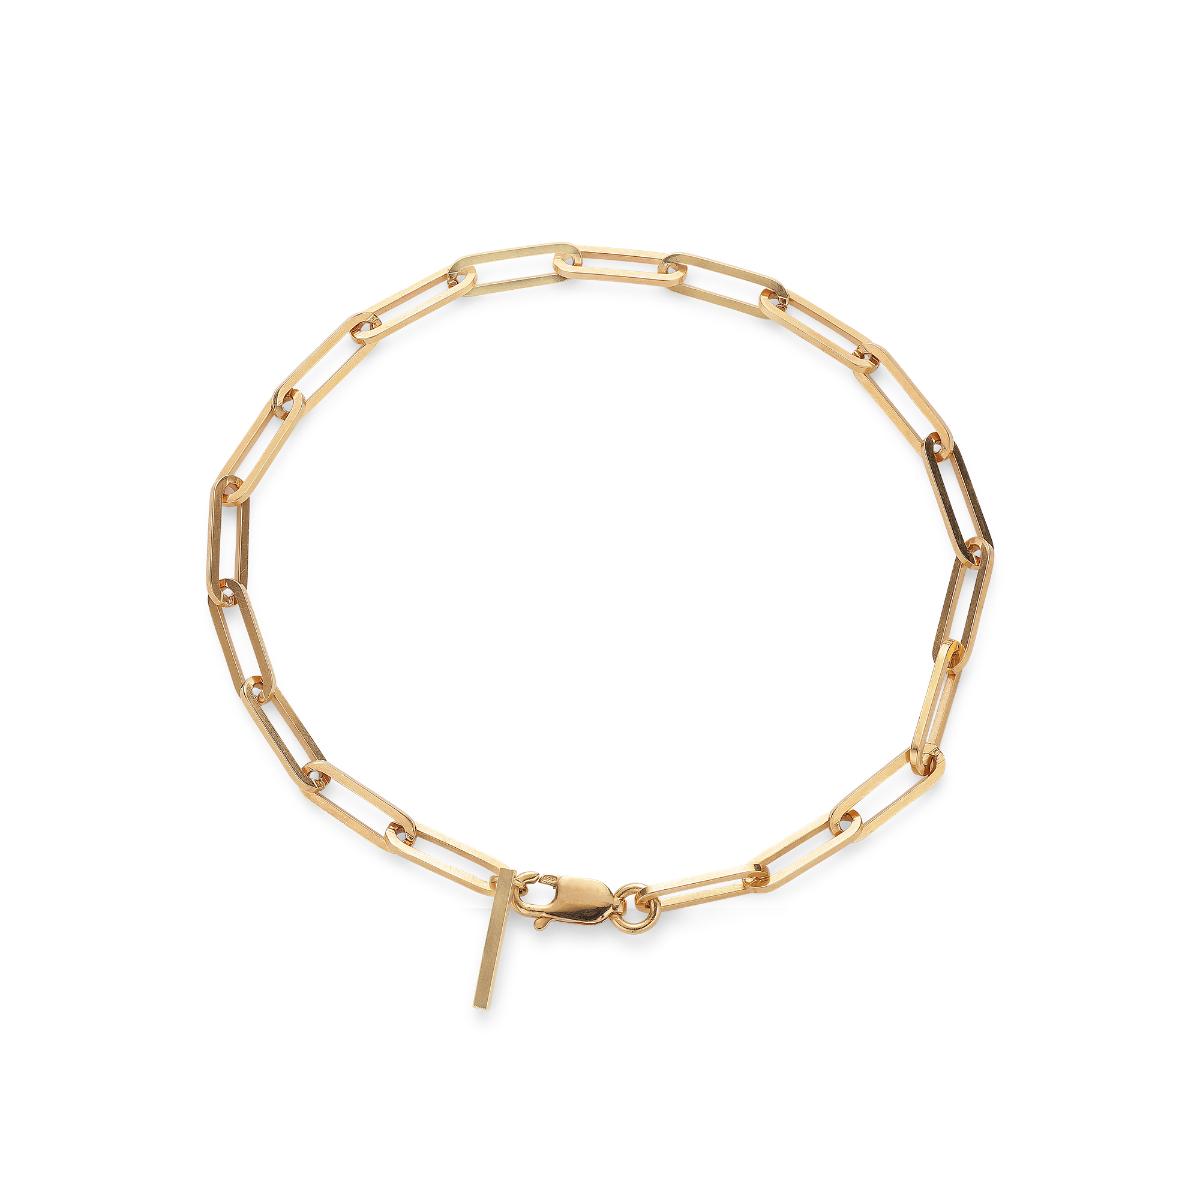 Jane Kønig Reflection Stretched armbånd, guld